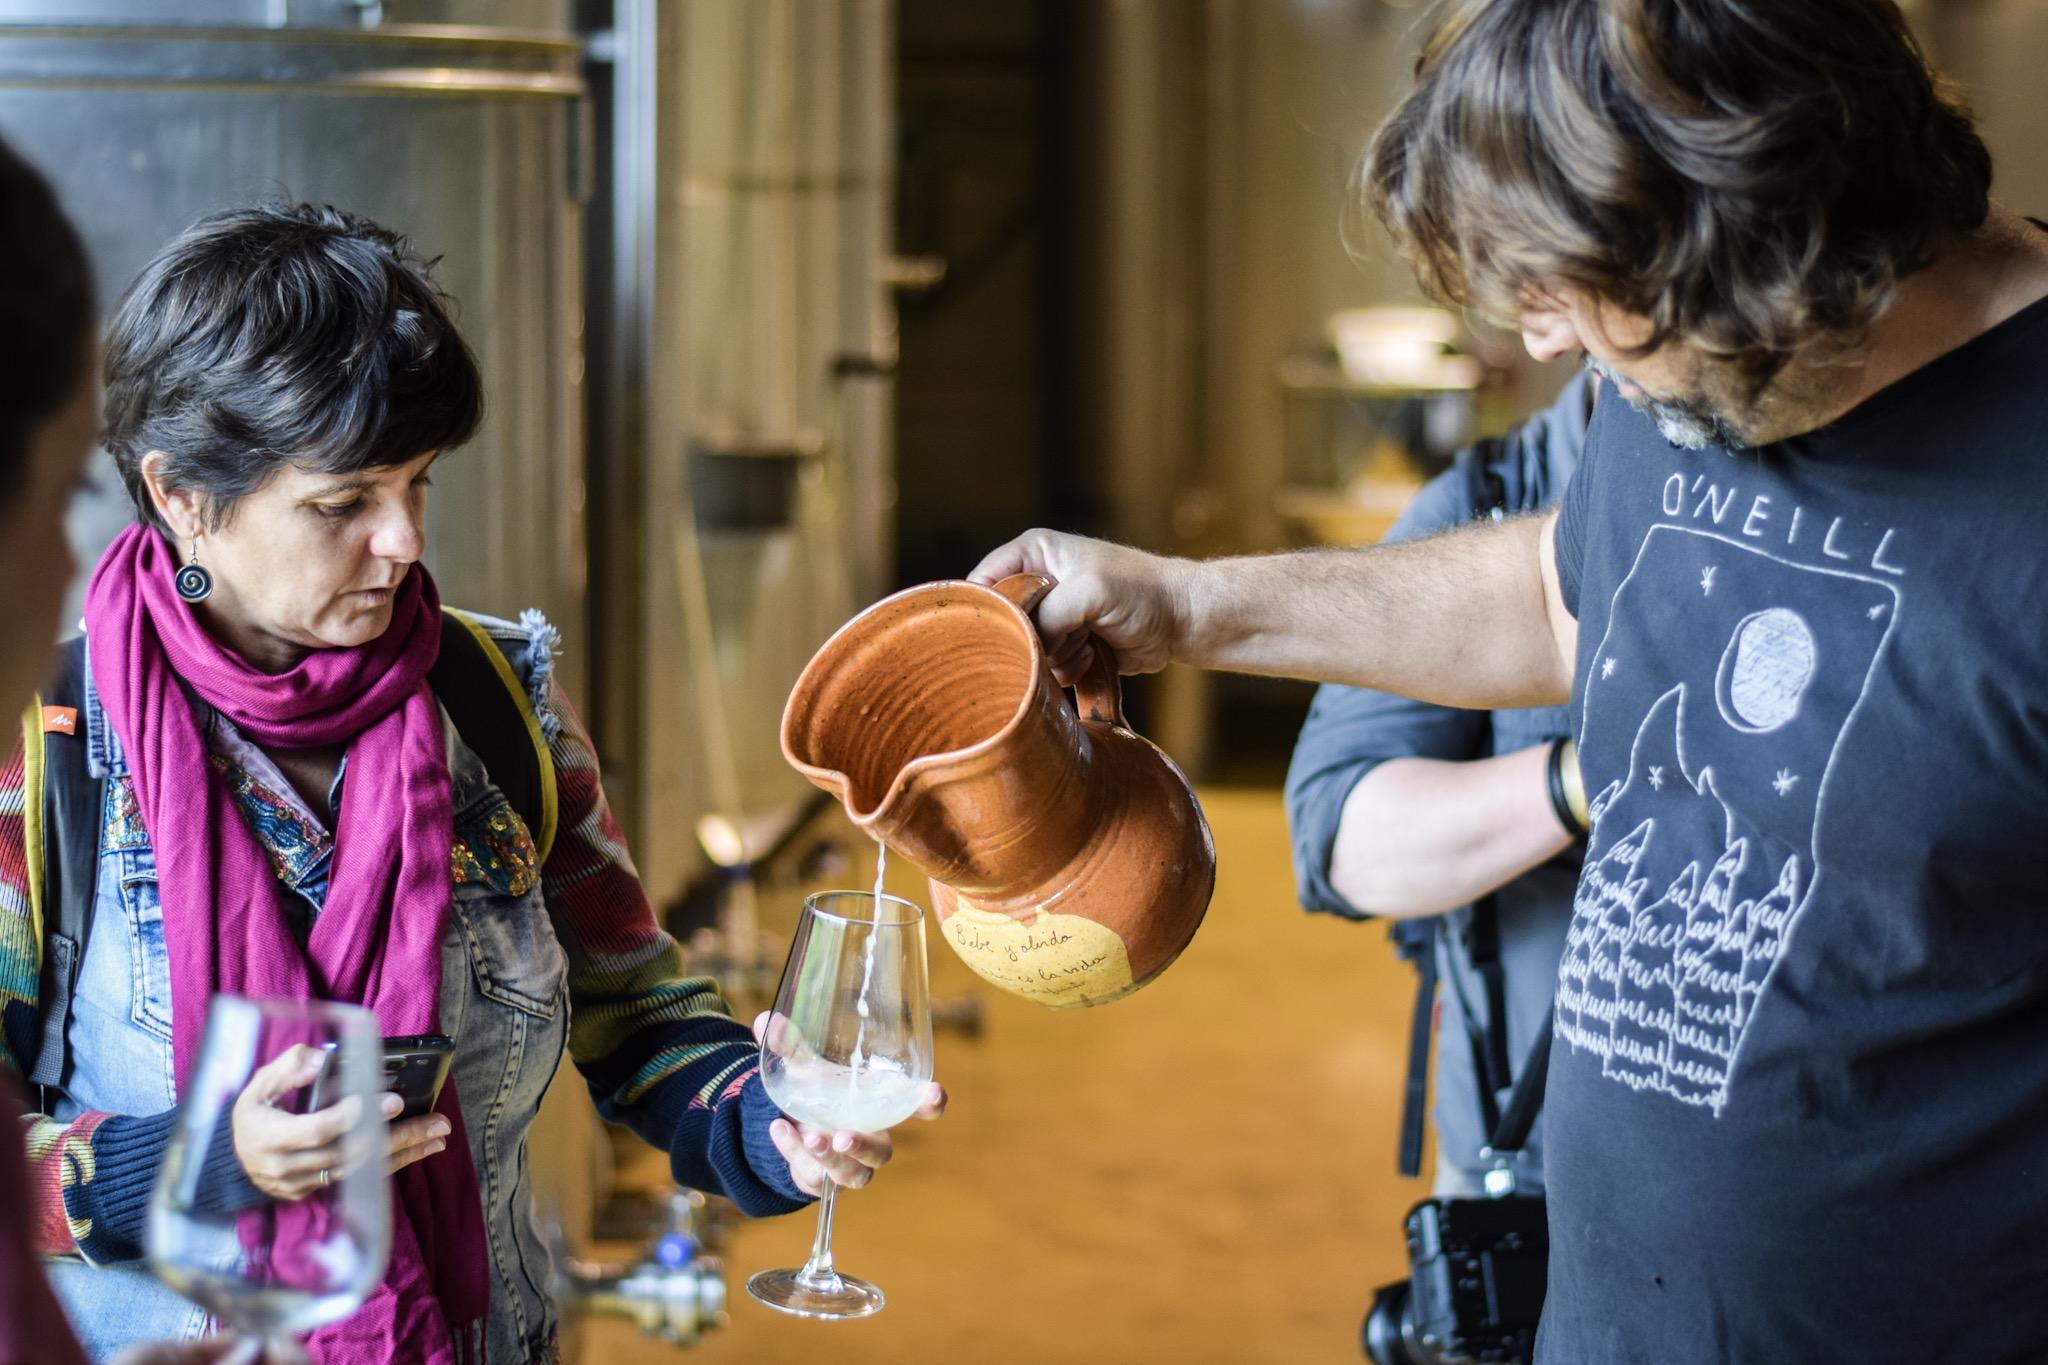 Sipping Cantabrian wine at Bodegas Vidular, Cantabria.